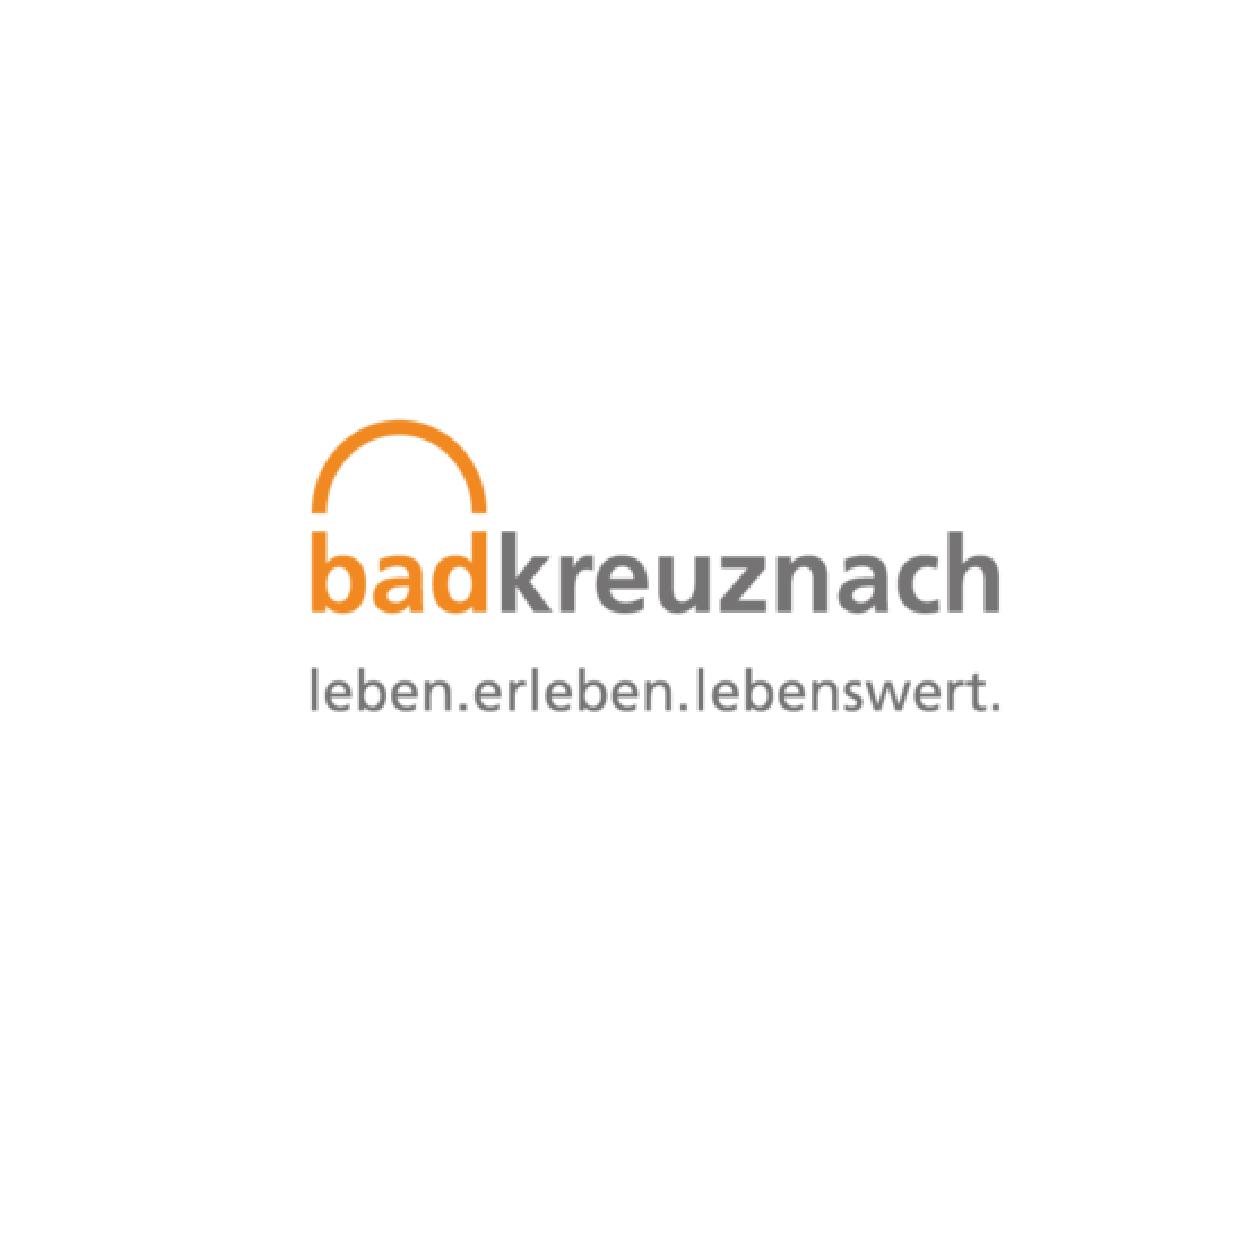 Logo_Bäder_BadKreuznach_Zeichenfläche 1.jpg